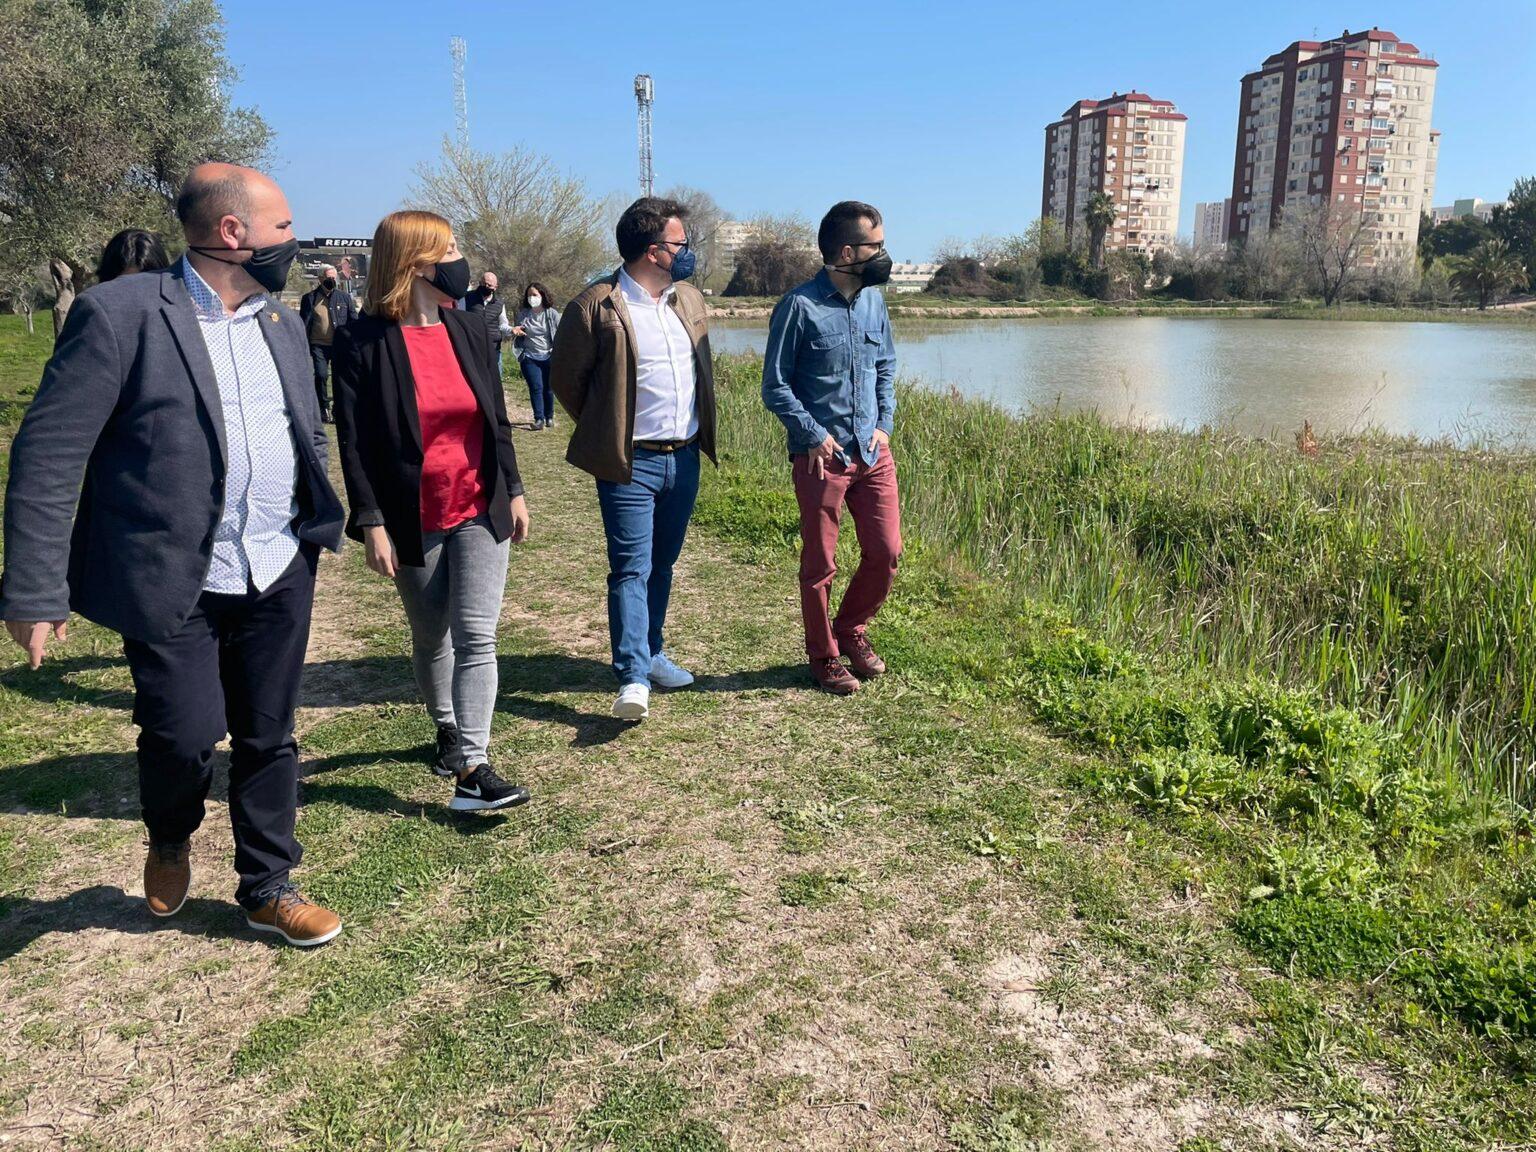 Massamagrell recupera su marjal gracias al programa de restauración ambiental de la Diputació